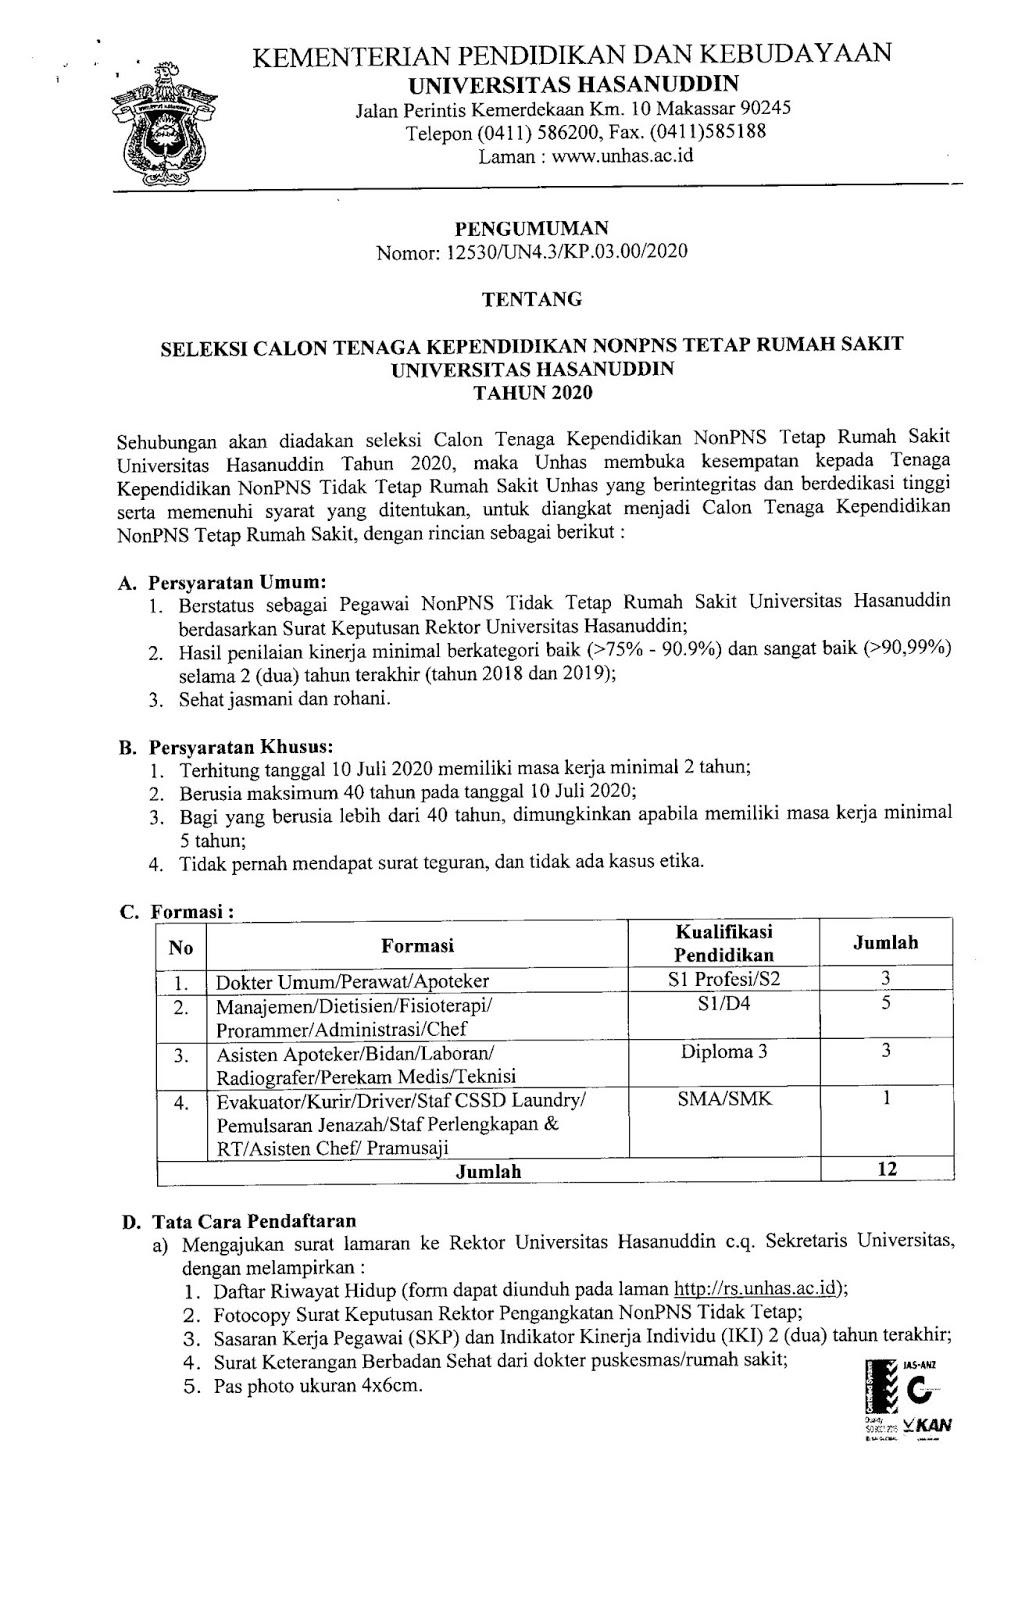 Lowongan Kerja Non PNS Rumah Sakit Universitas Hasanuddin Tingkat SMA SMK D3 S1 Juli 2020